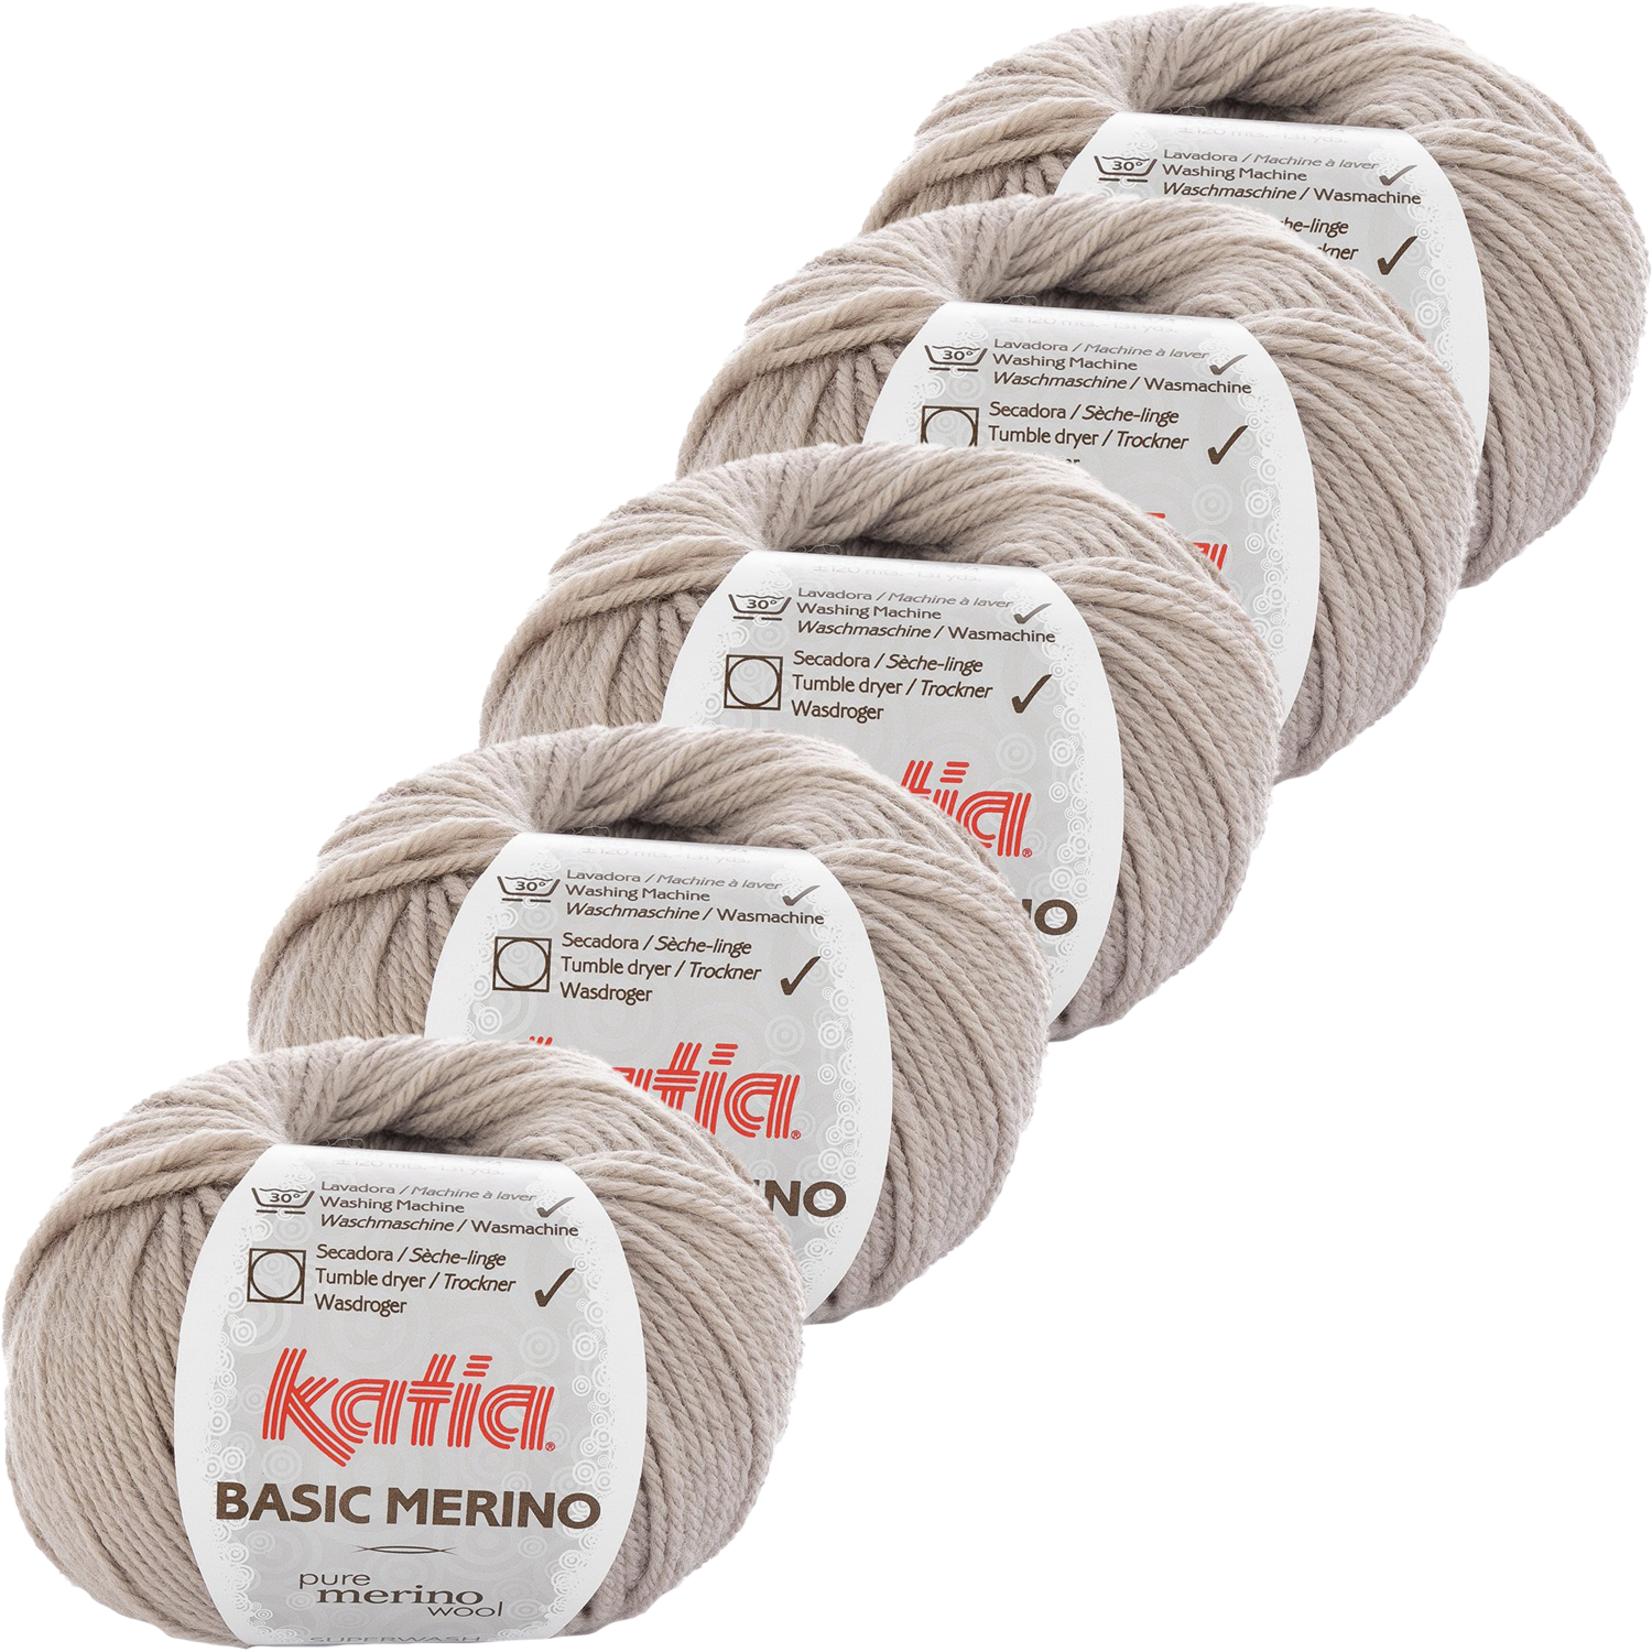 Katia Basic Merino - kleur 9_Licht grijs - bundel 5 bollen 50 gr.  van 120 m.